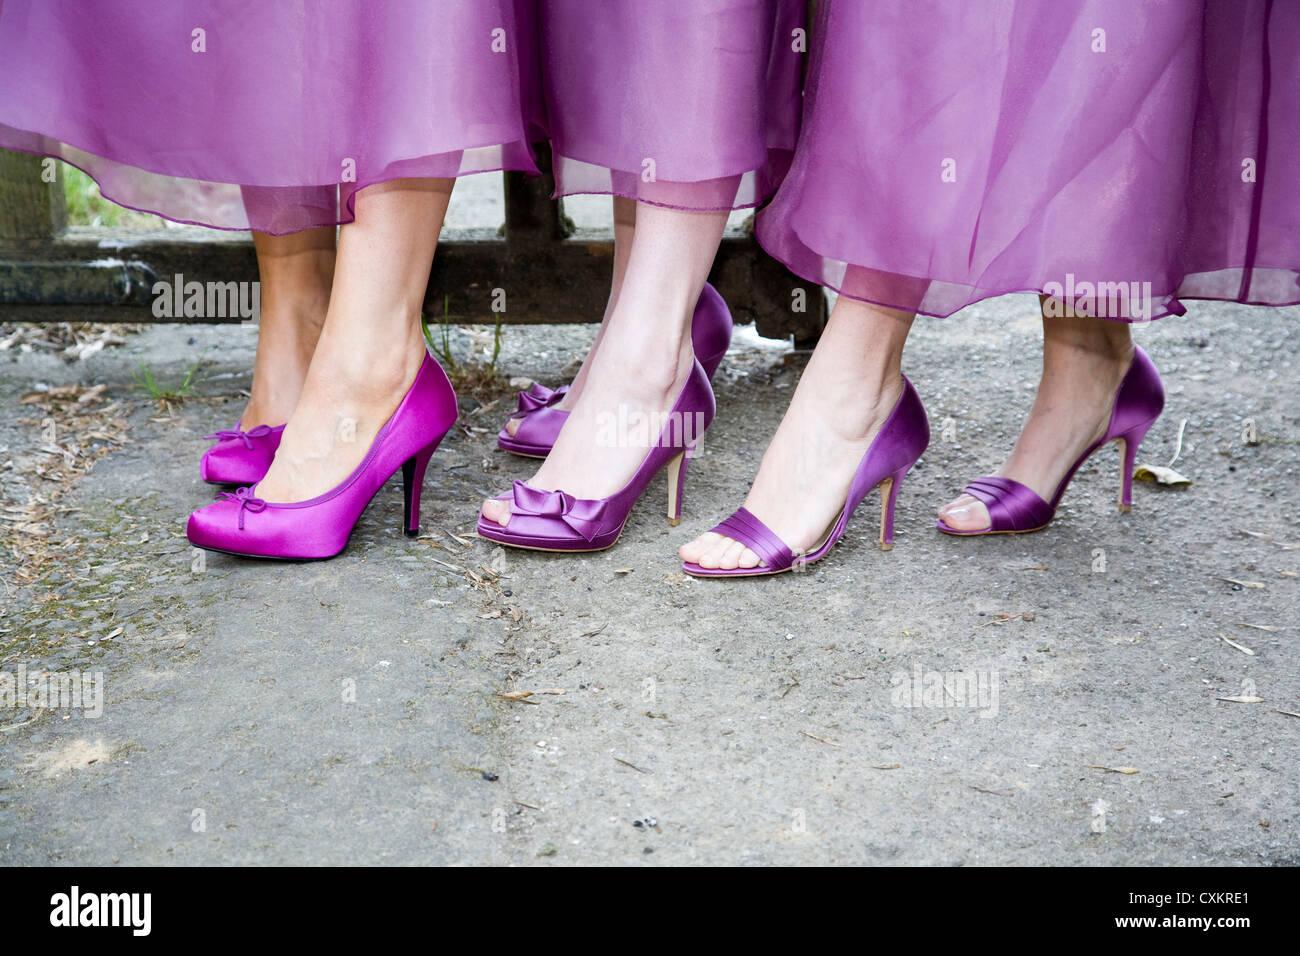 Damigella della piedi e caviglie con viola alta scarpe con tacco, mostrando orlature di abiti. Immagini Stock